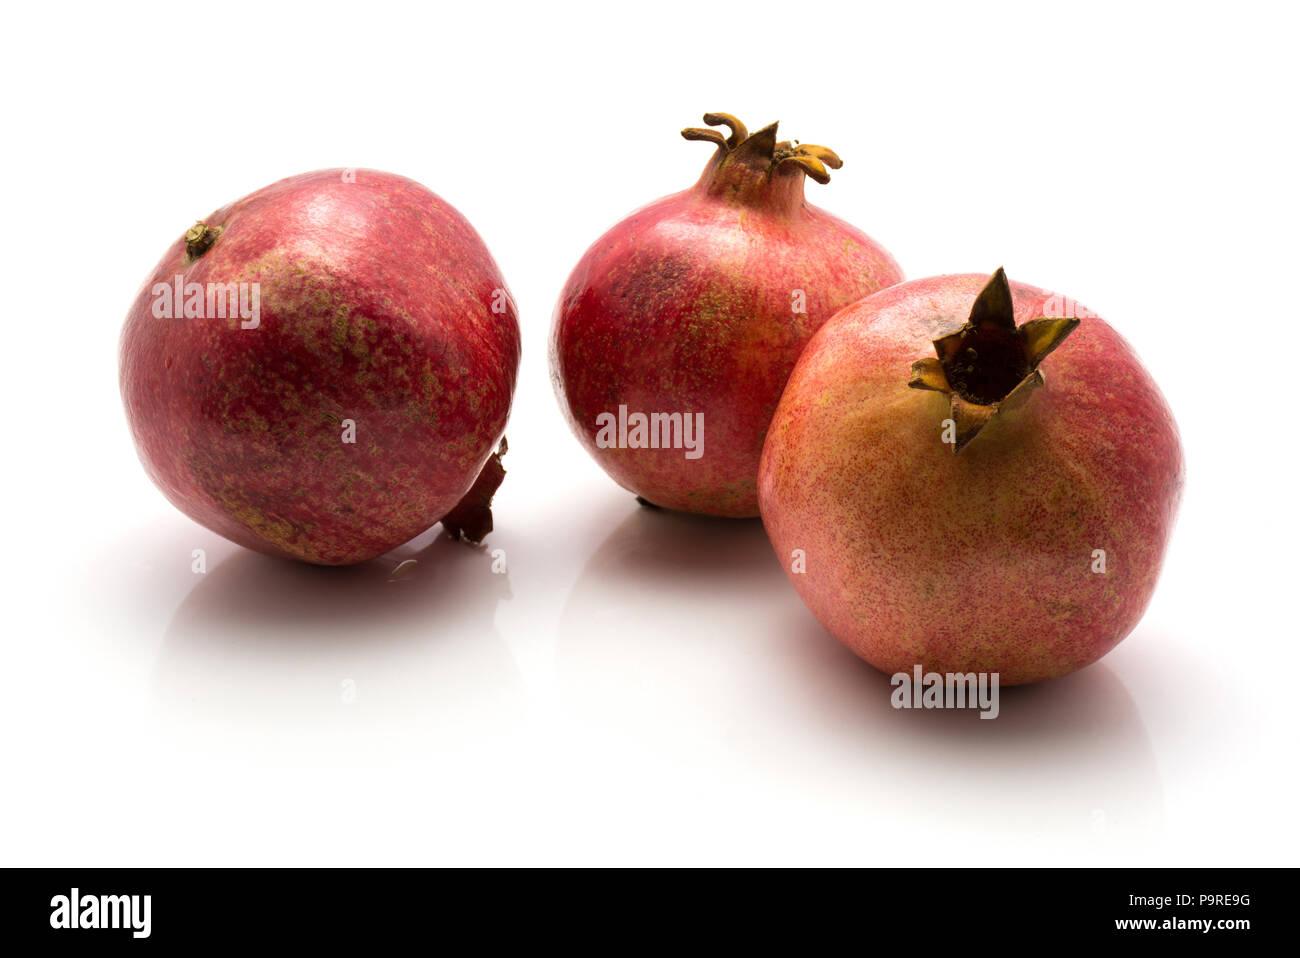 Saftiger roter Apfel online datiert